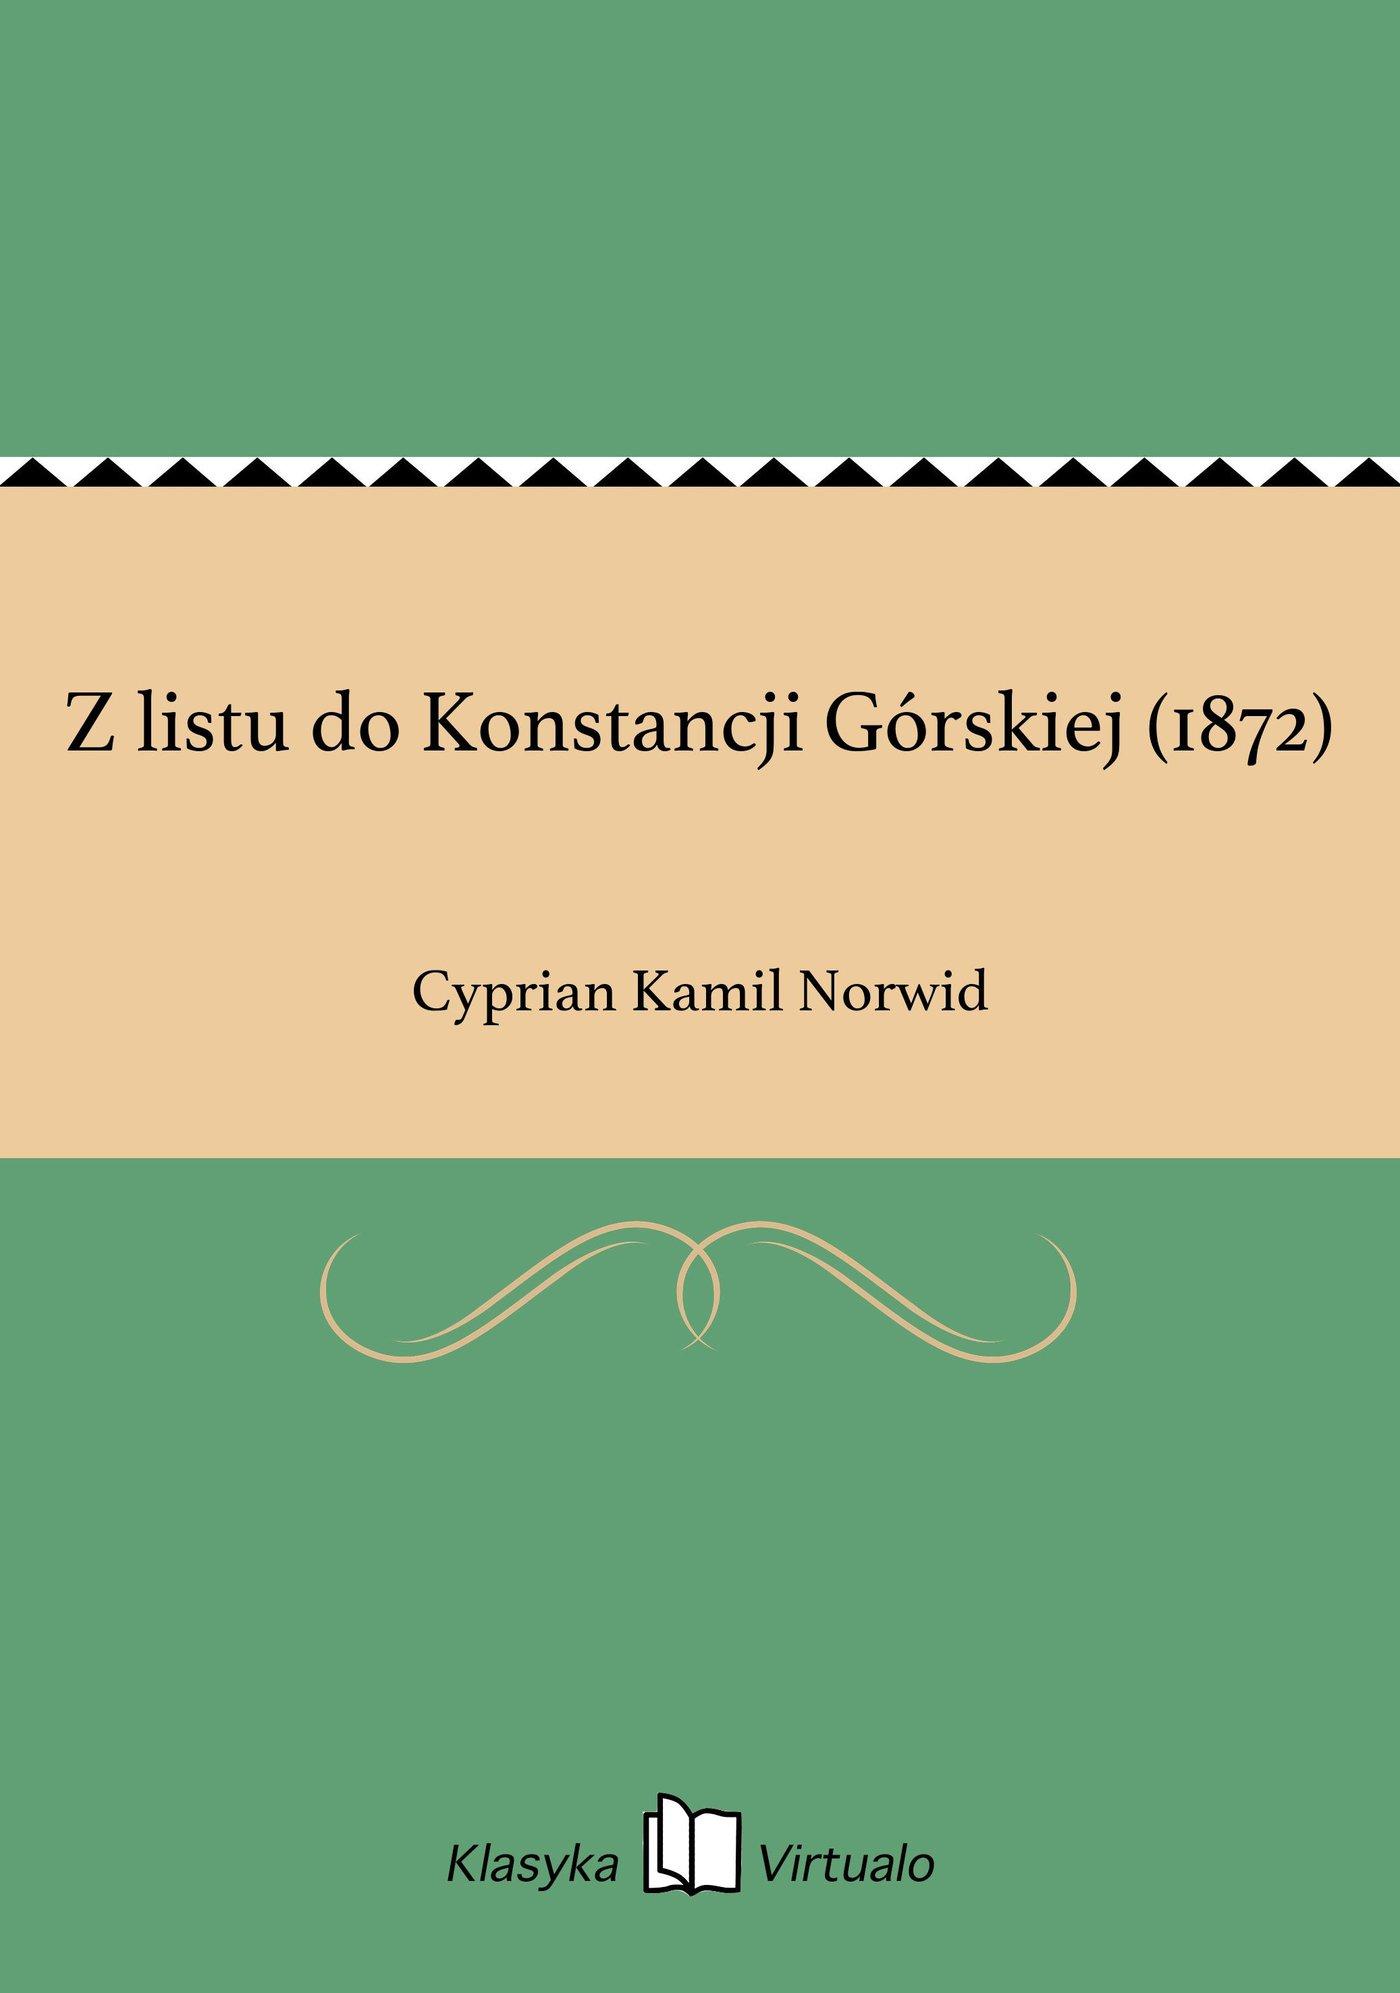 Z listu do Konstancji Górskiej (1872) - Ebook (Książka EPUB) do pobrania w formacie EPUB